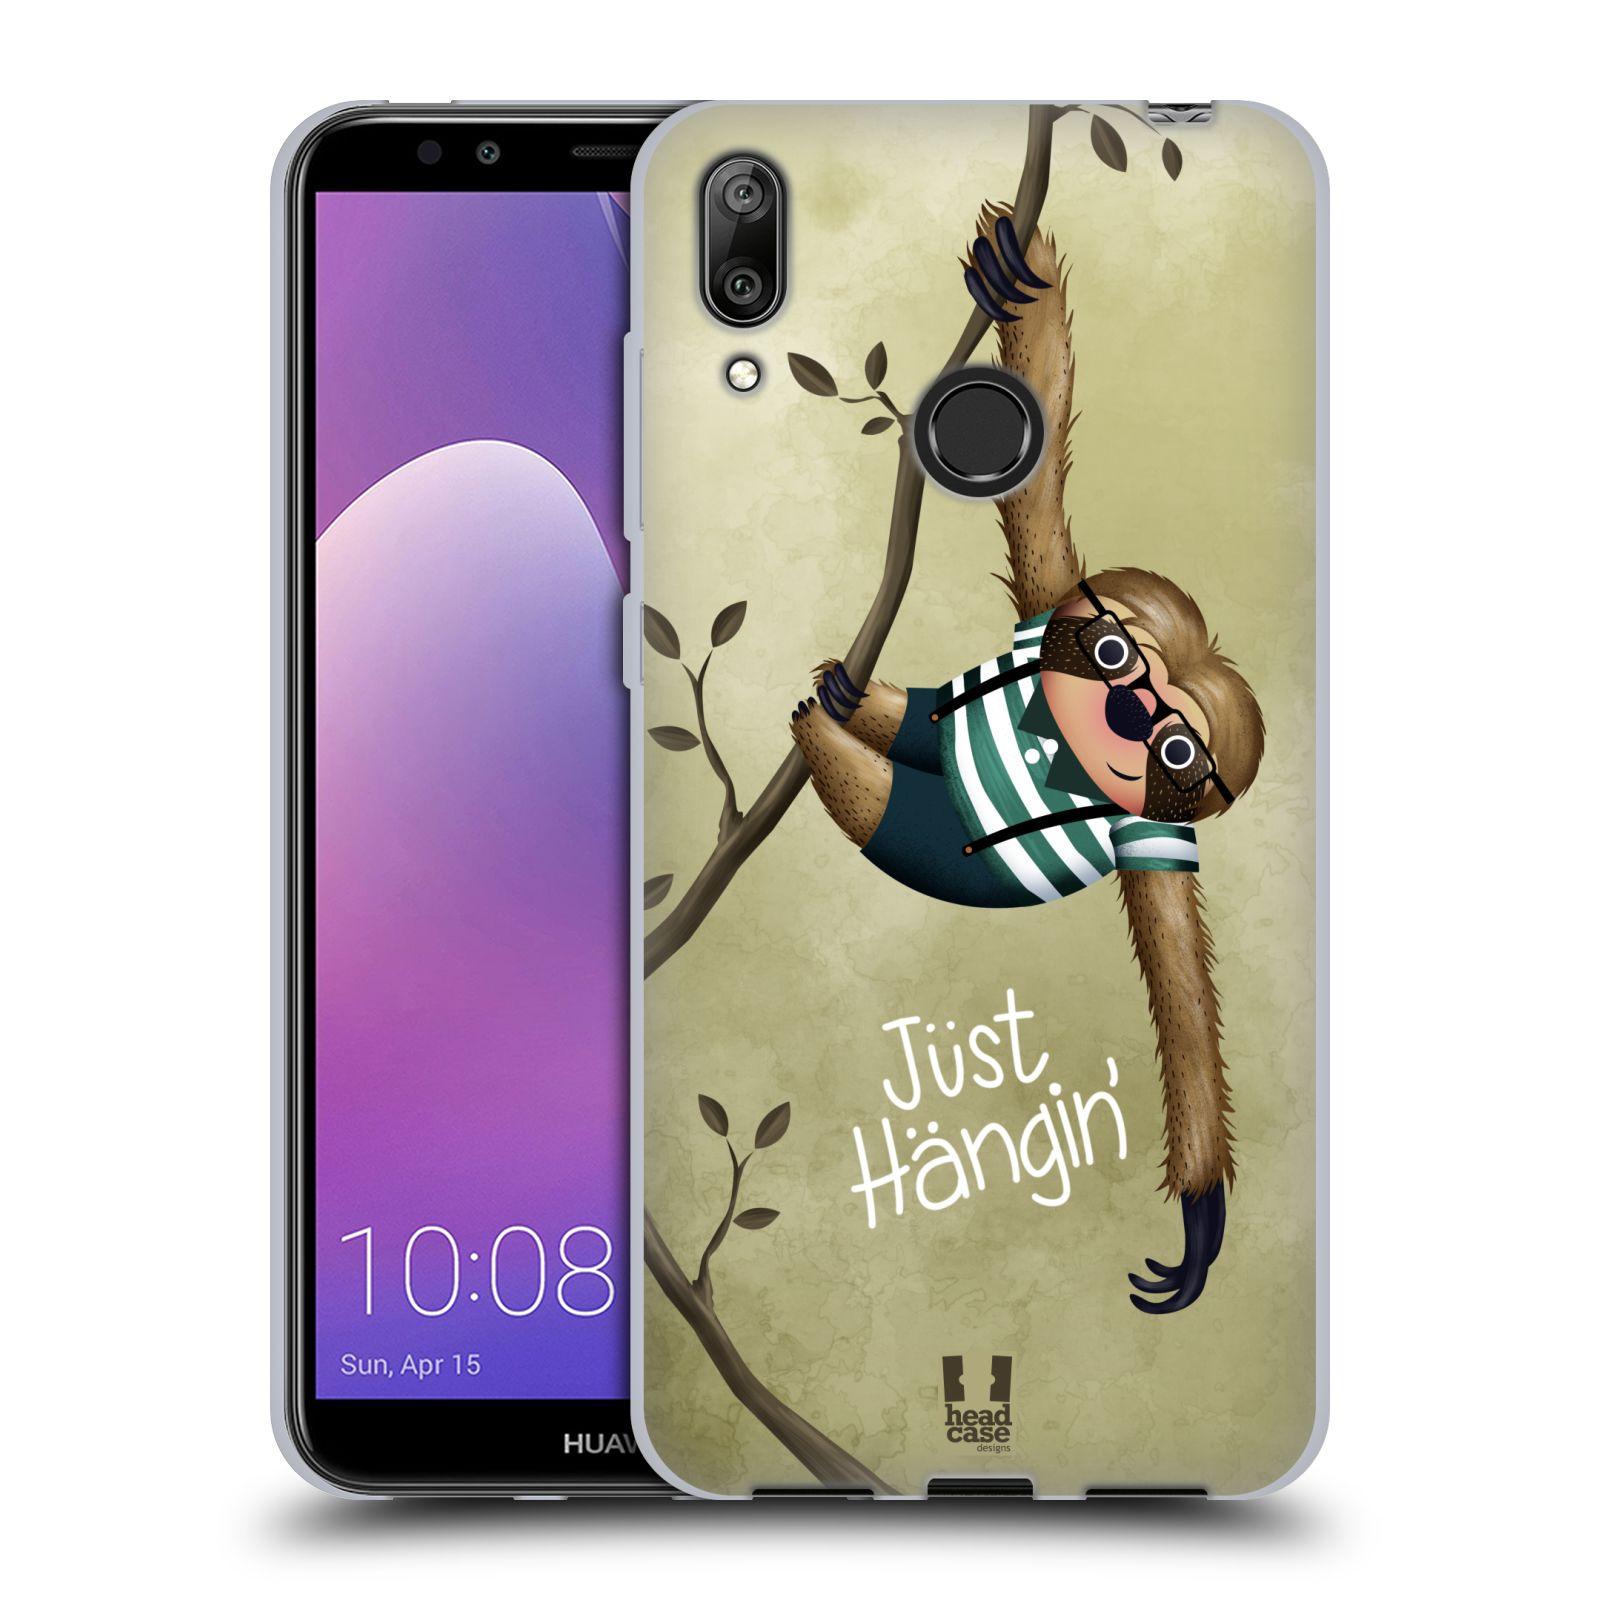 Silikonové pouzdro na mobil Huawei Y7 (2019) - Head Case - Lenochod Just Hangin